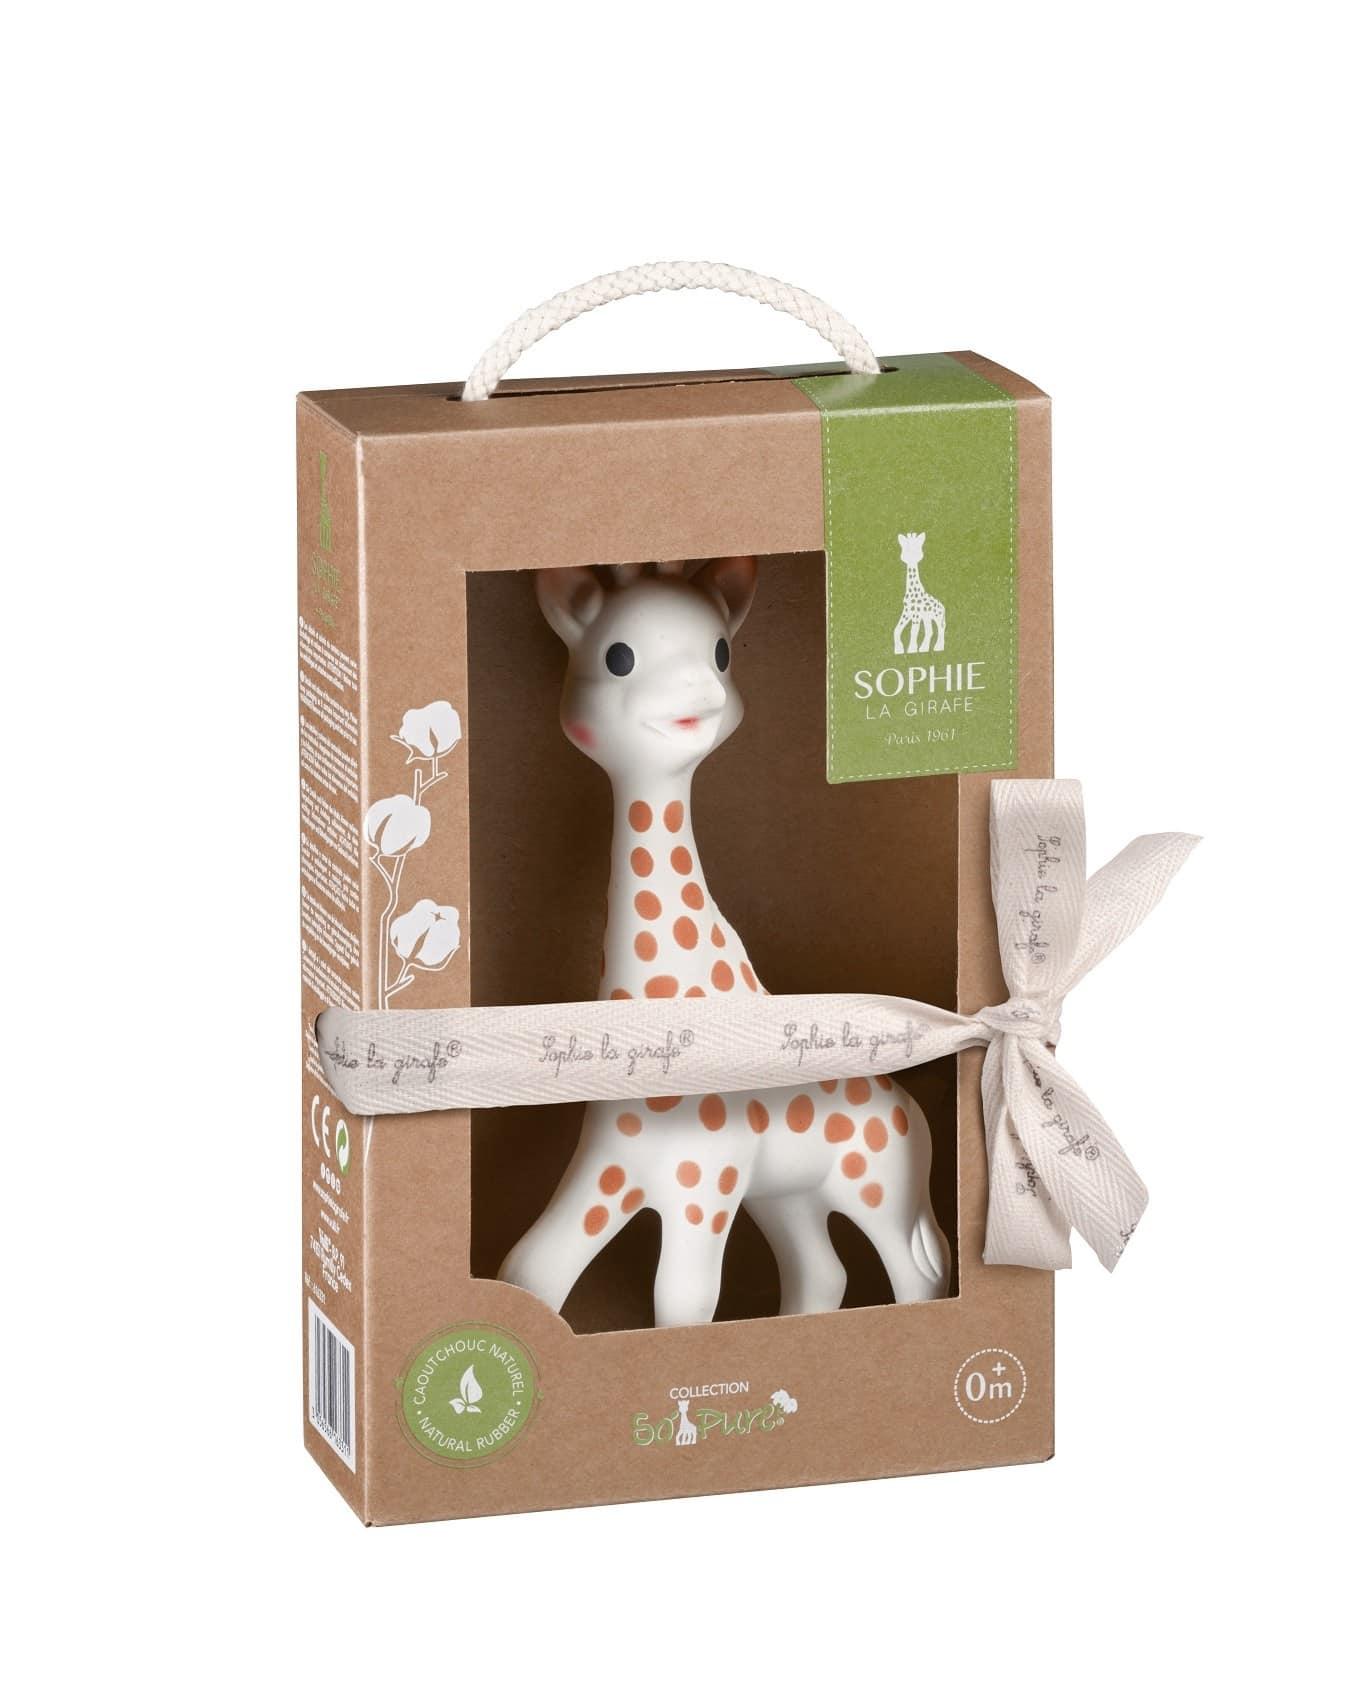 sophie_žirafa_igračka_za_bebe_djecu